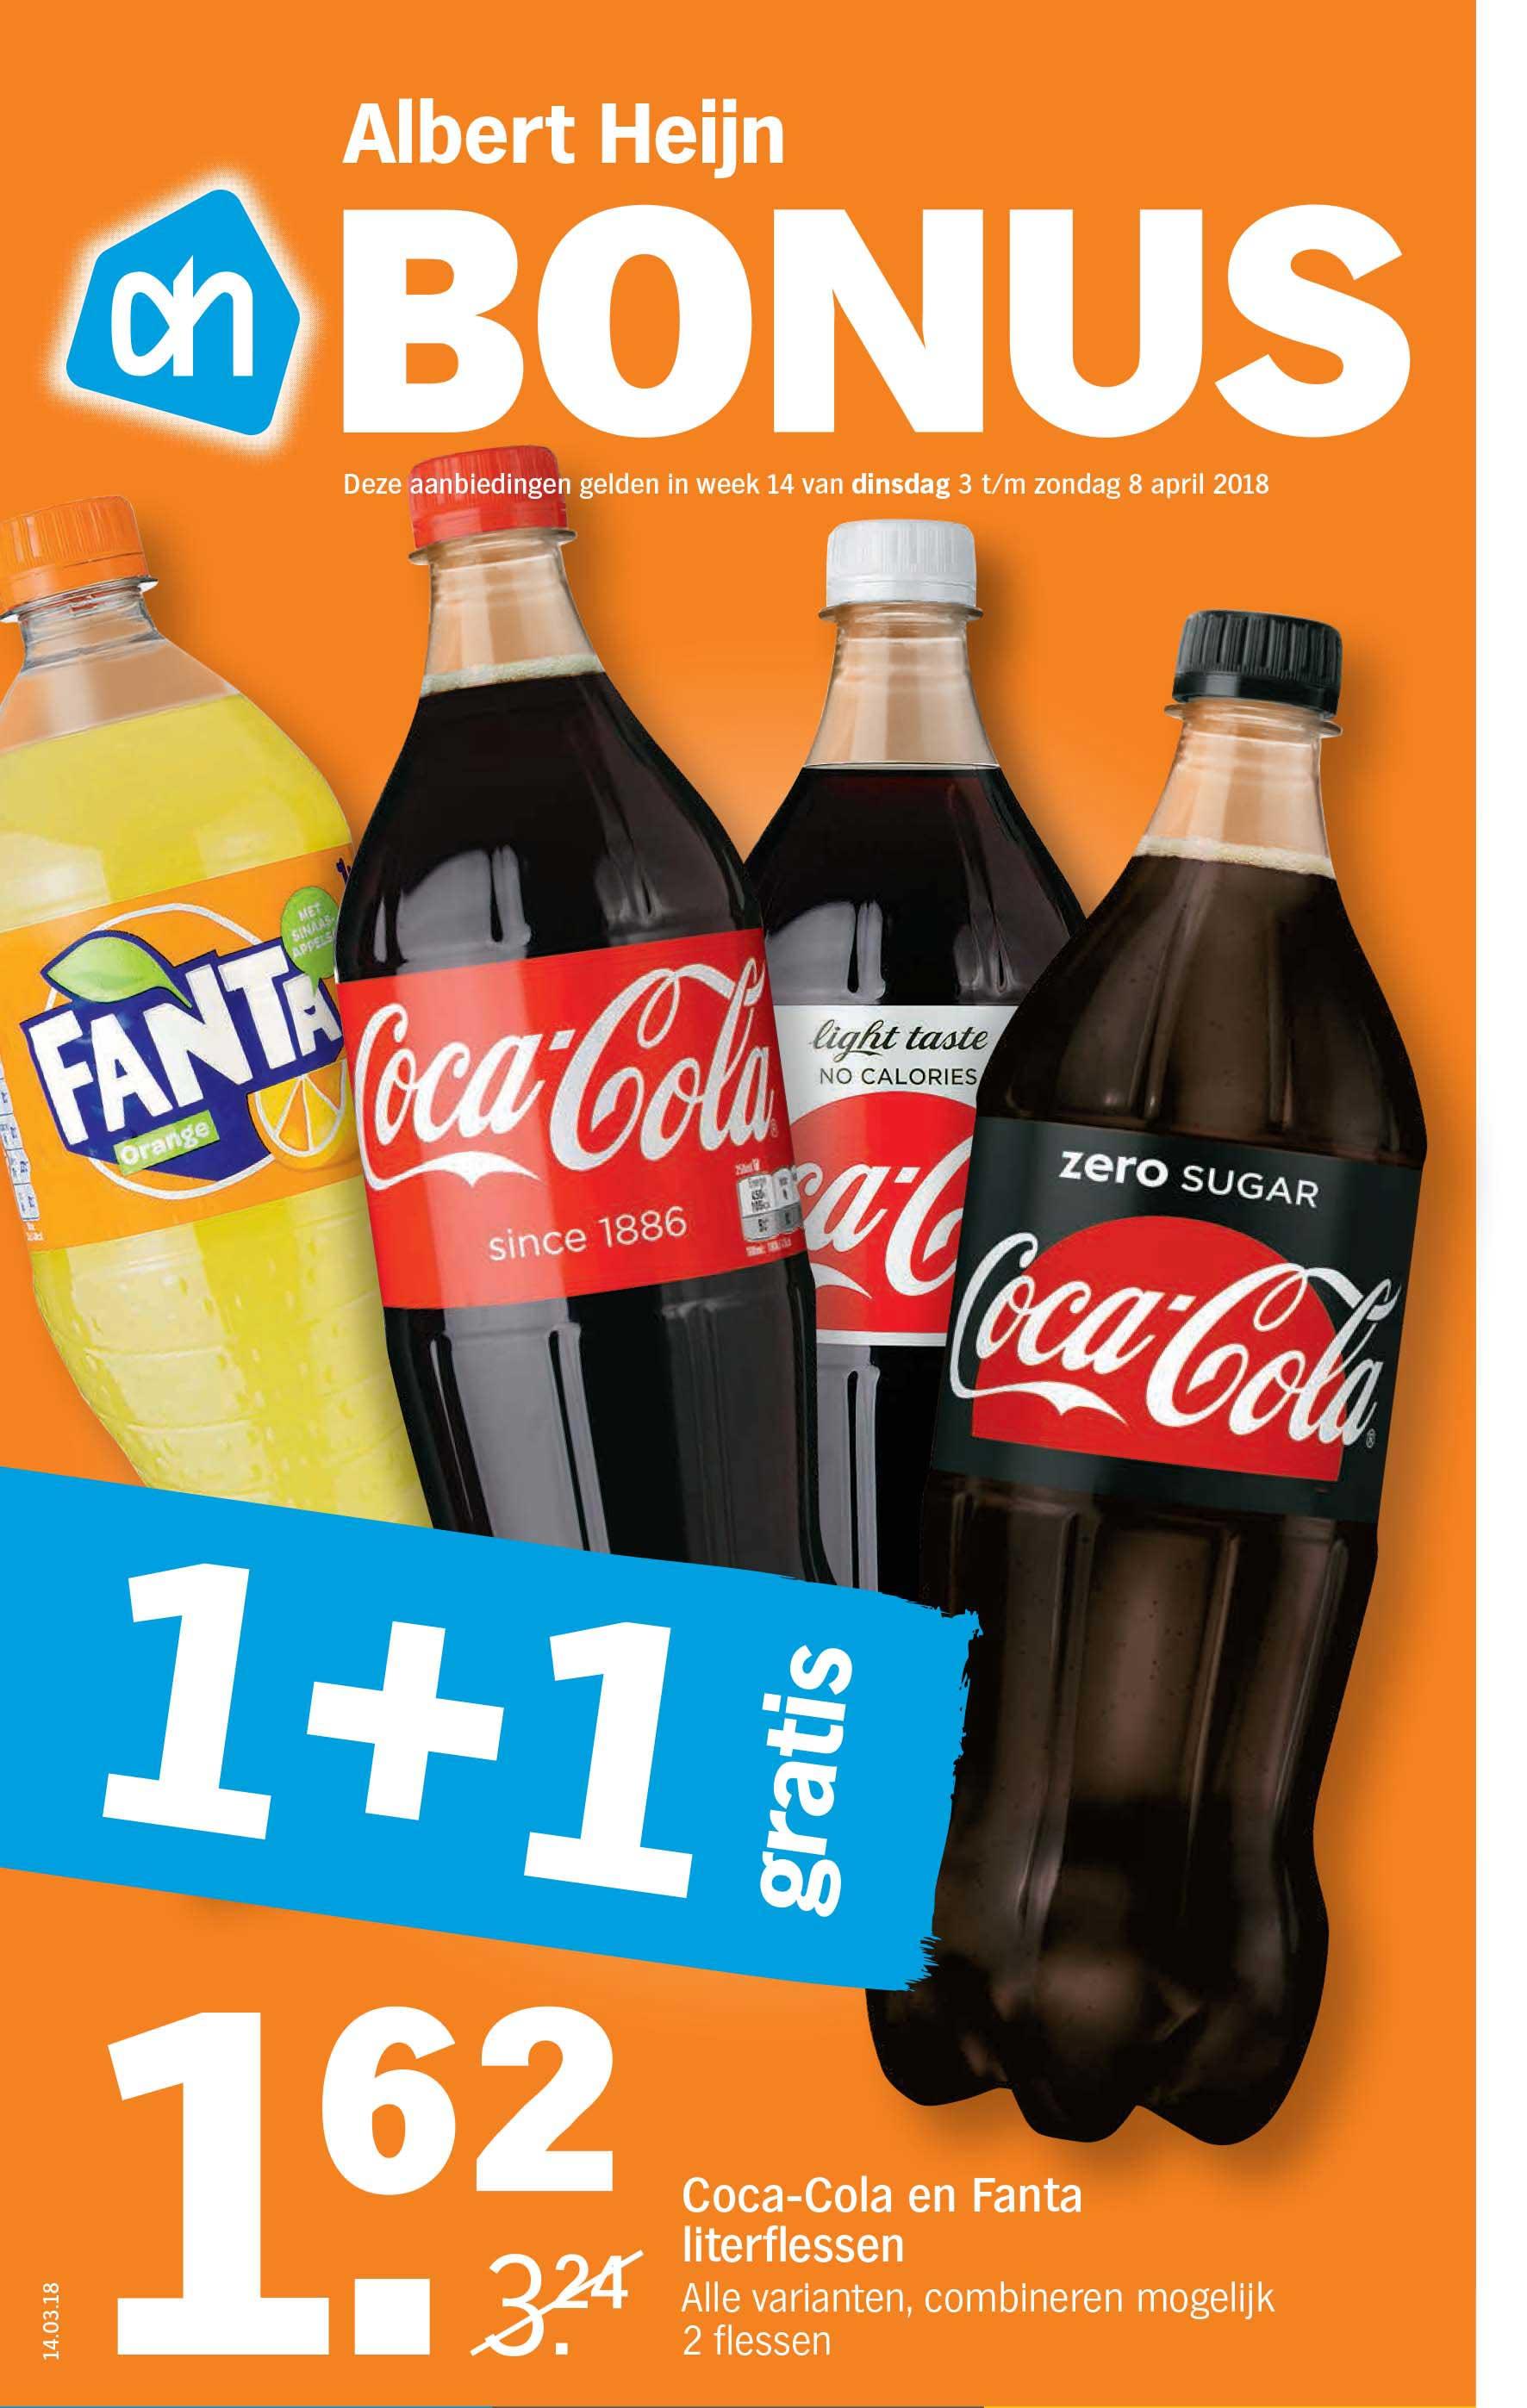 Albert Heijn Coca Cola En Fanta Literflessen: 1+1 Gratis